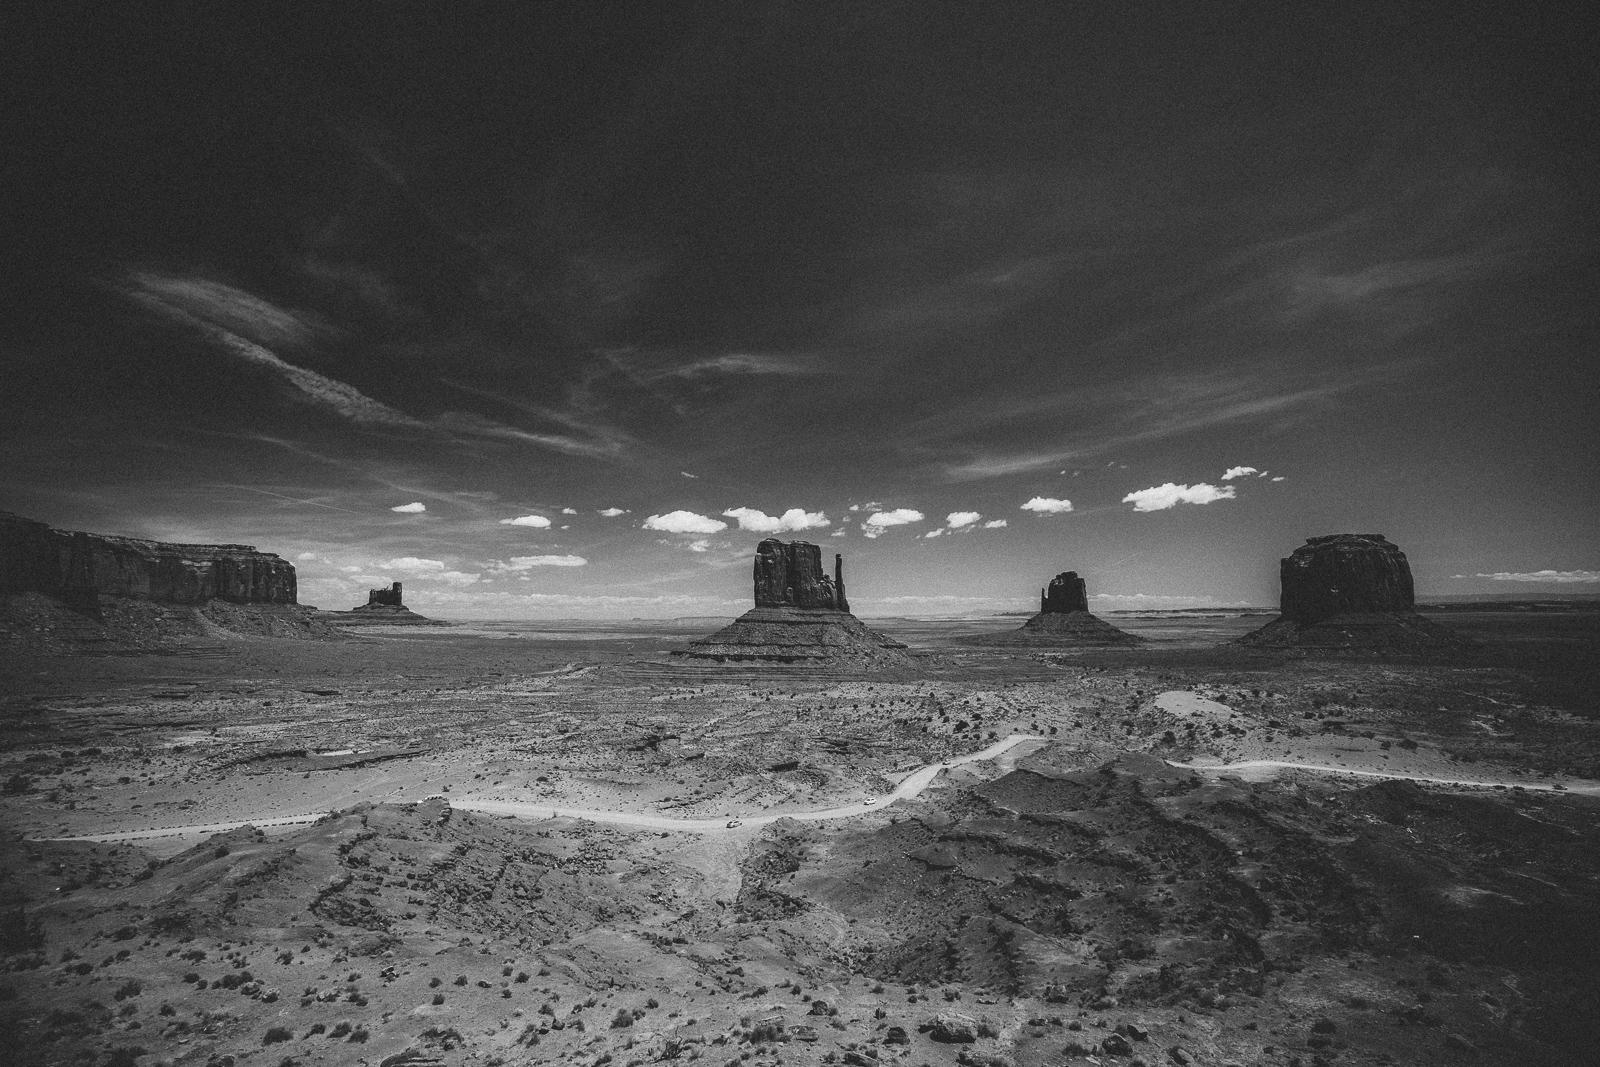 vltrr-detroit-collage-john-sippel-art-photography-monument-valley-desert.jpg